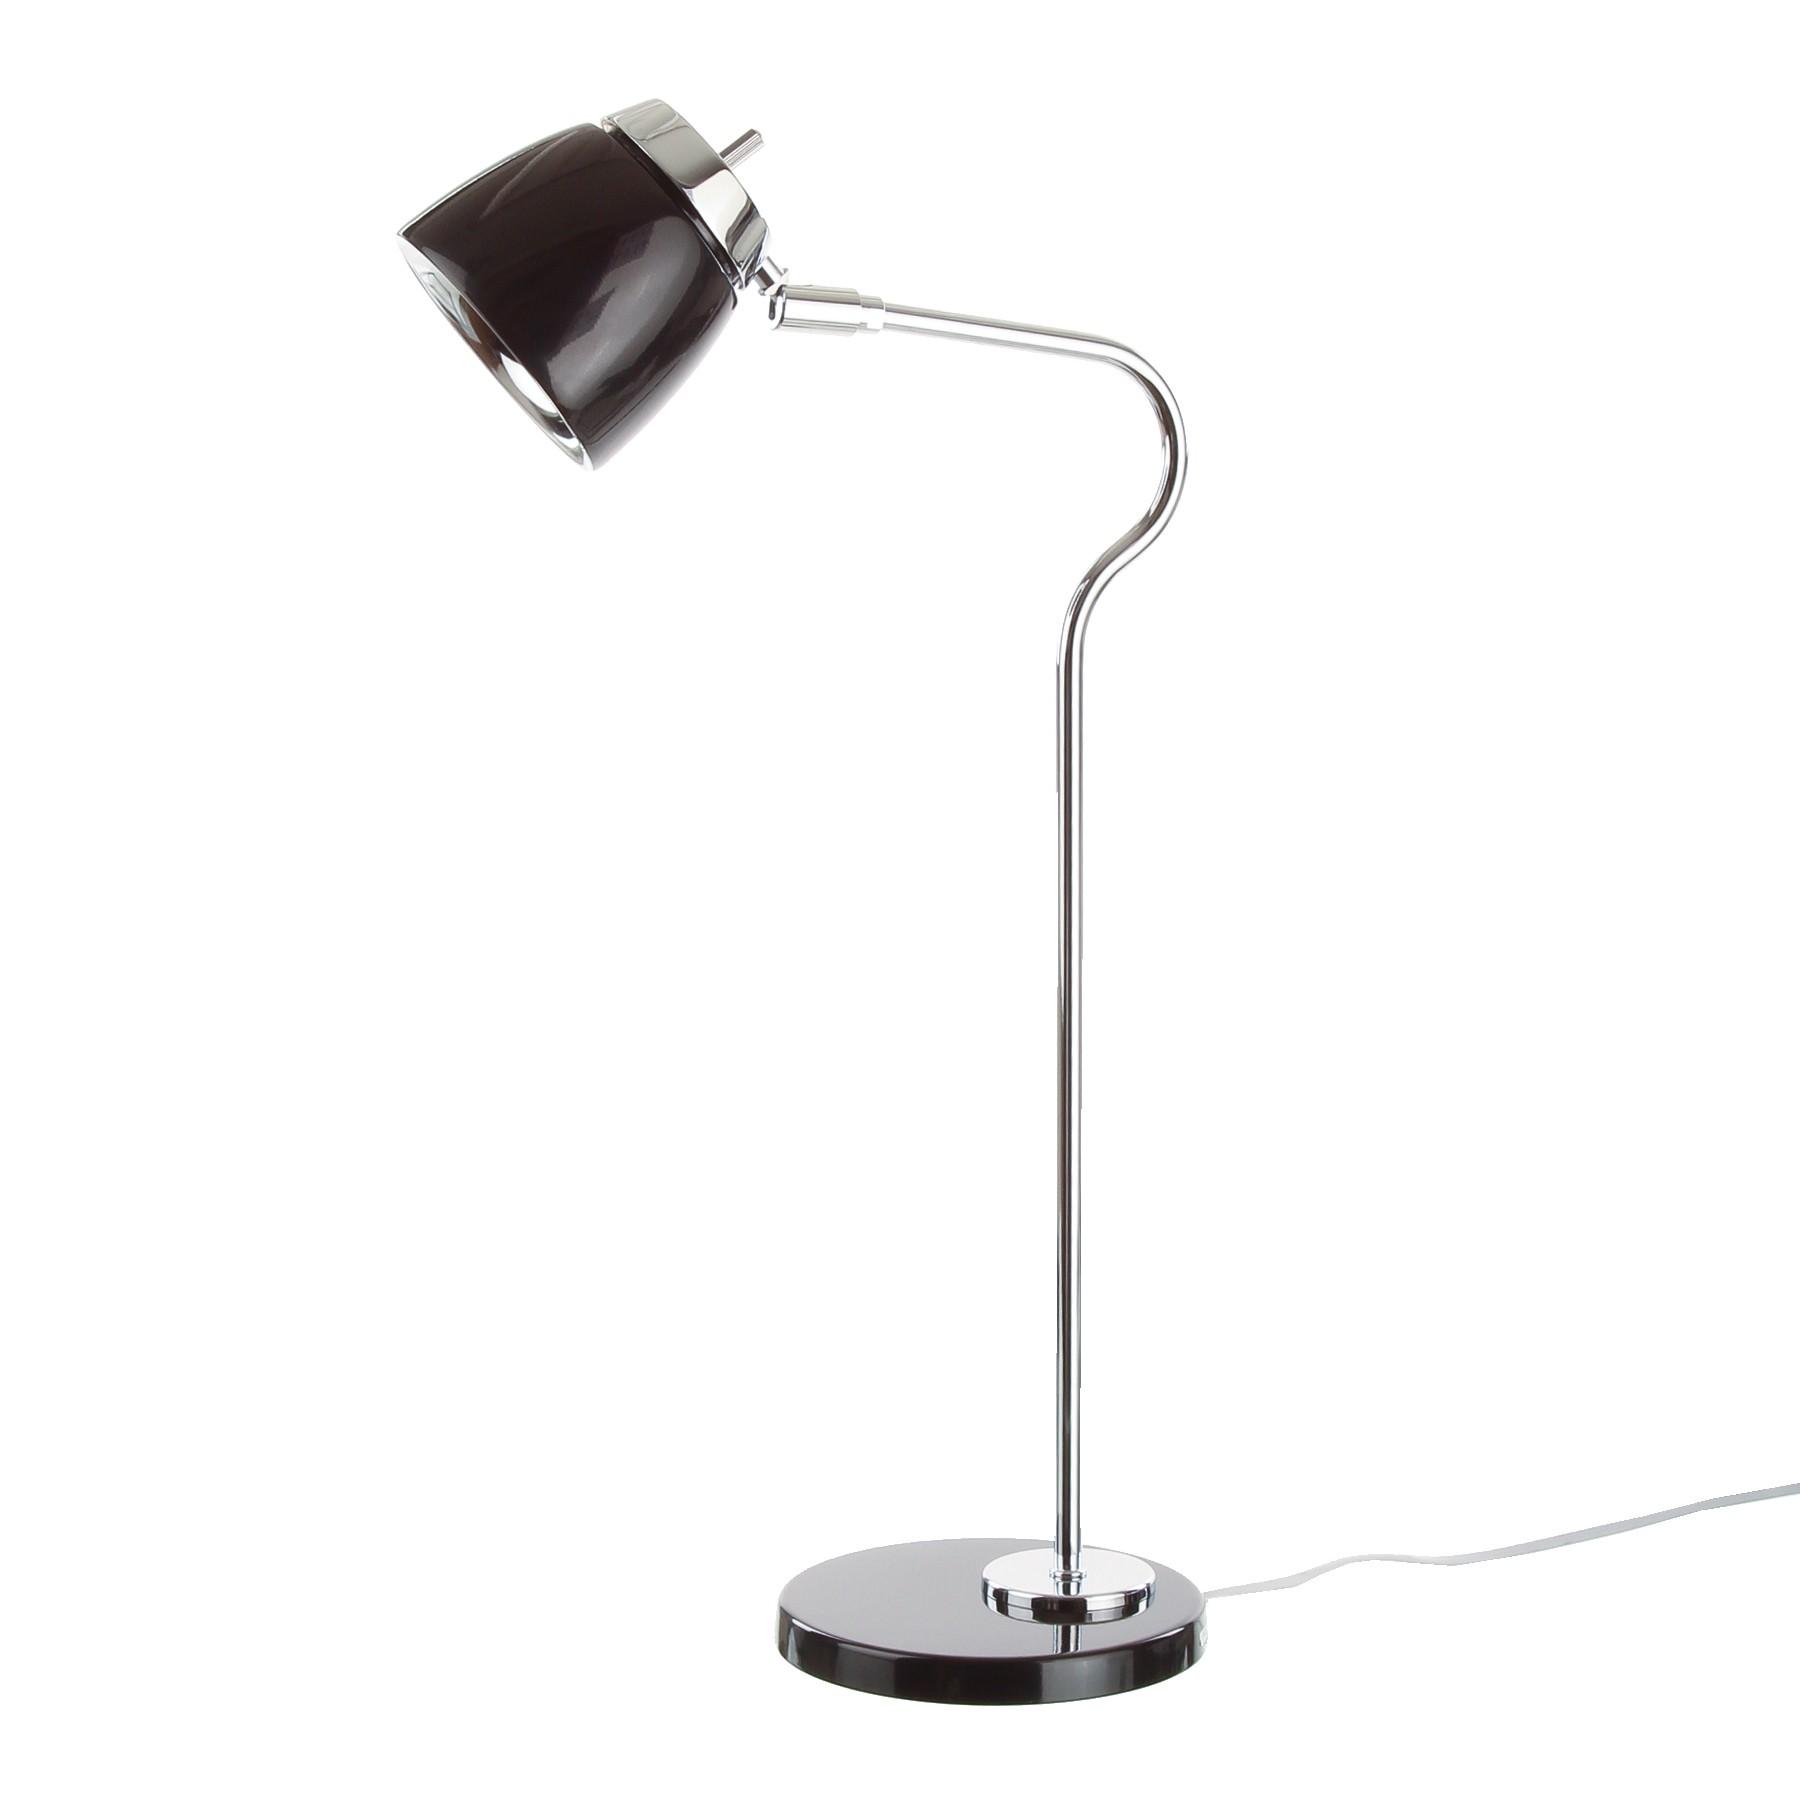 NEO Tischlampe LED Bild https://cdn03.plentymarkets.com/zsy4vjx32p87/item/images/4905/full/Heute-9627.JPG